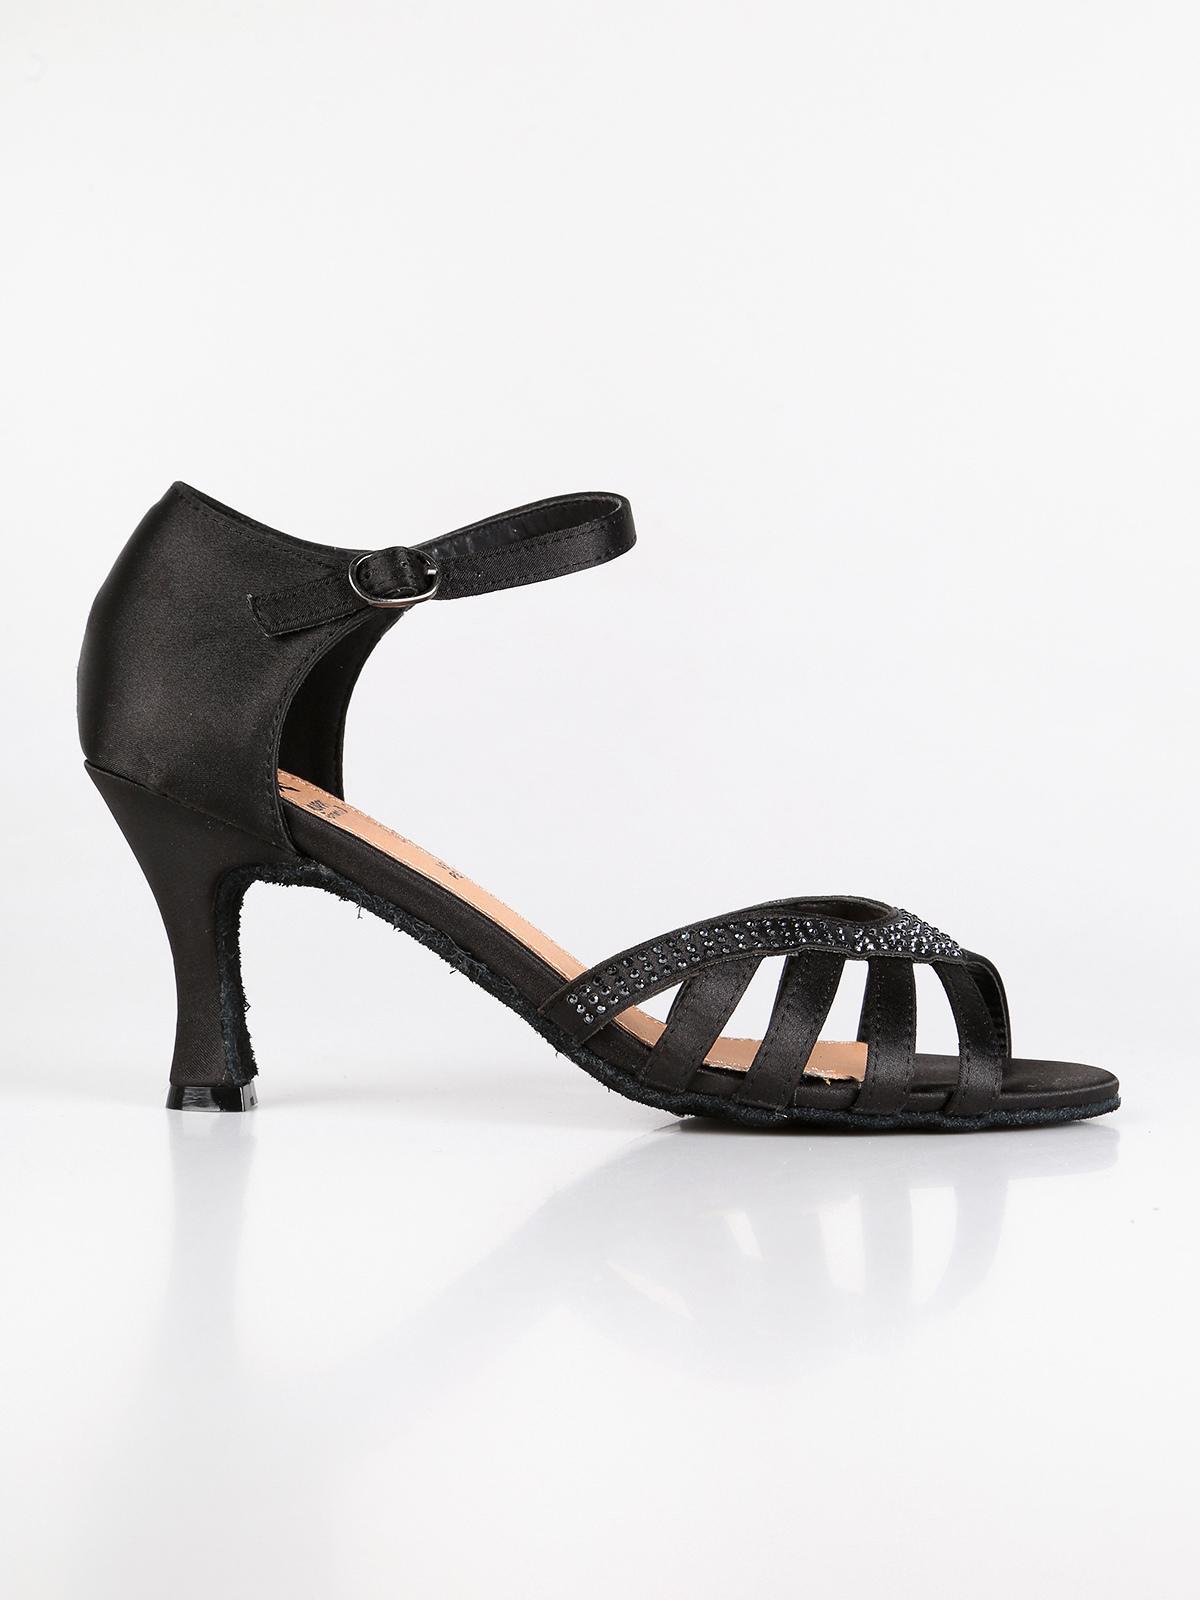 sandalo Scarpe da ballo Tacco Rocchetto Chiusura Cinturino nere Donna